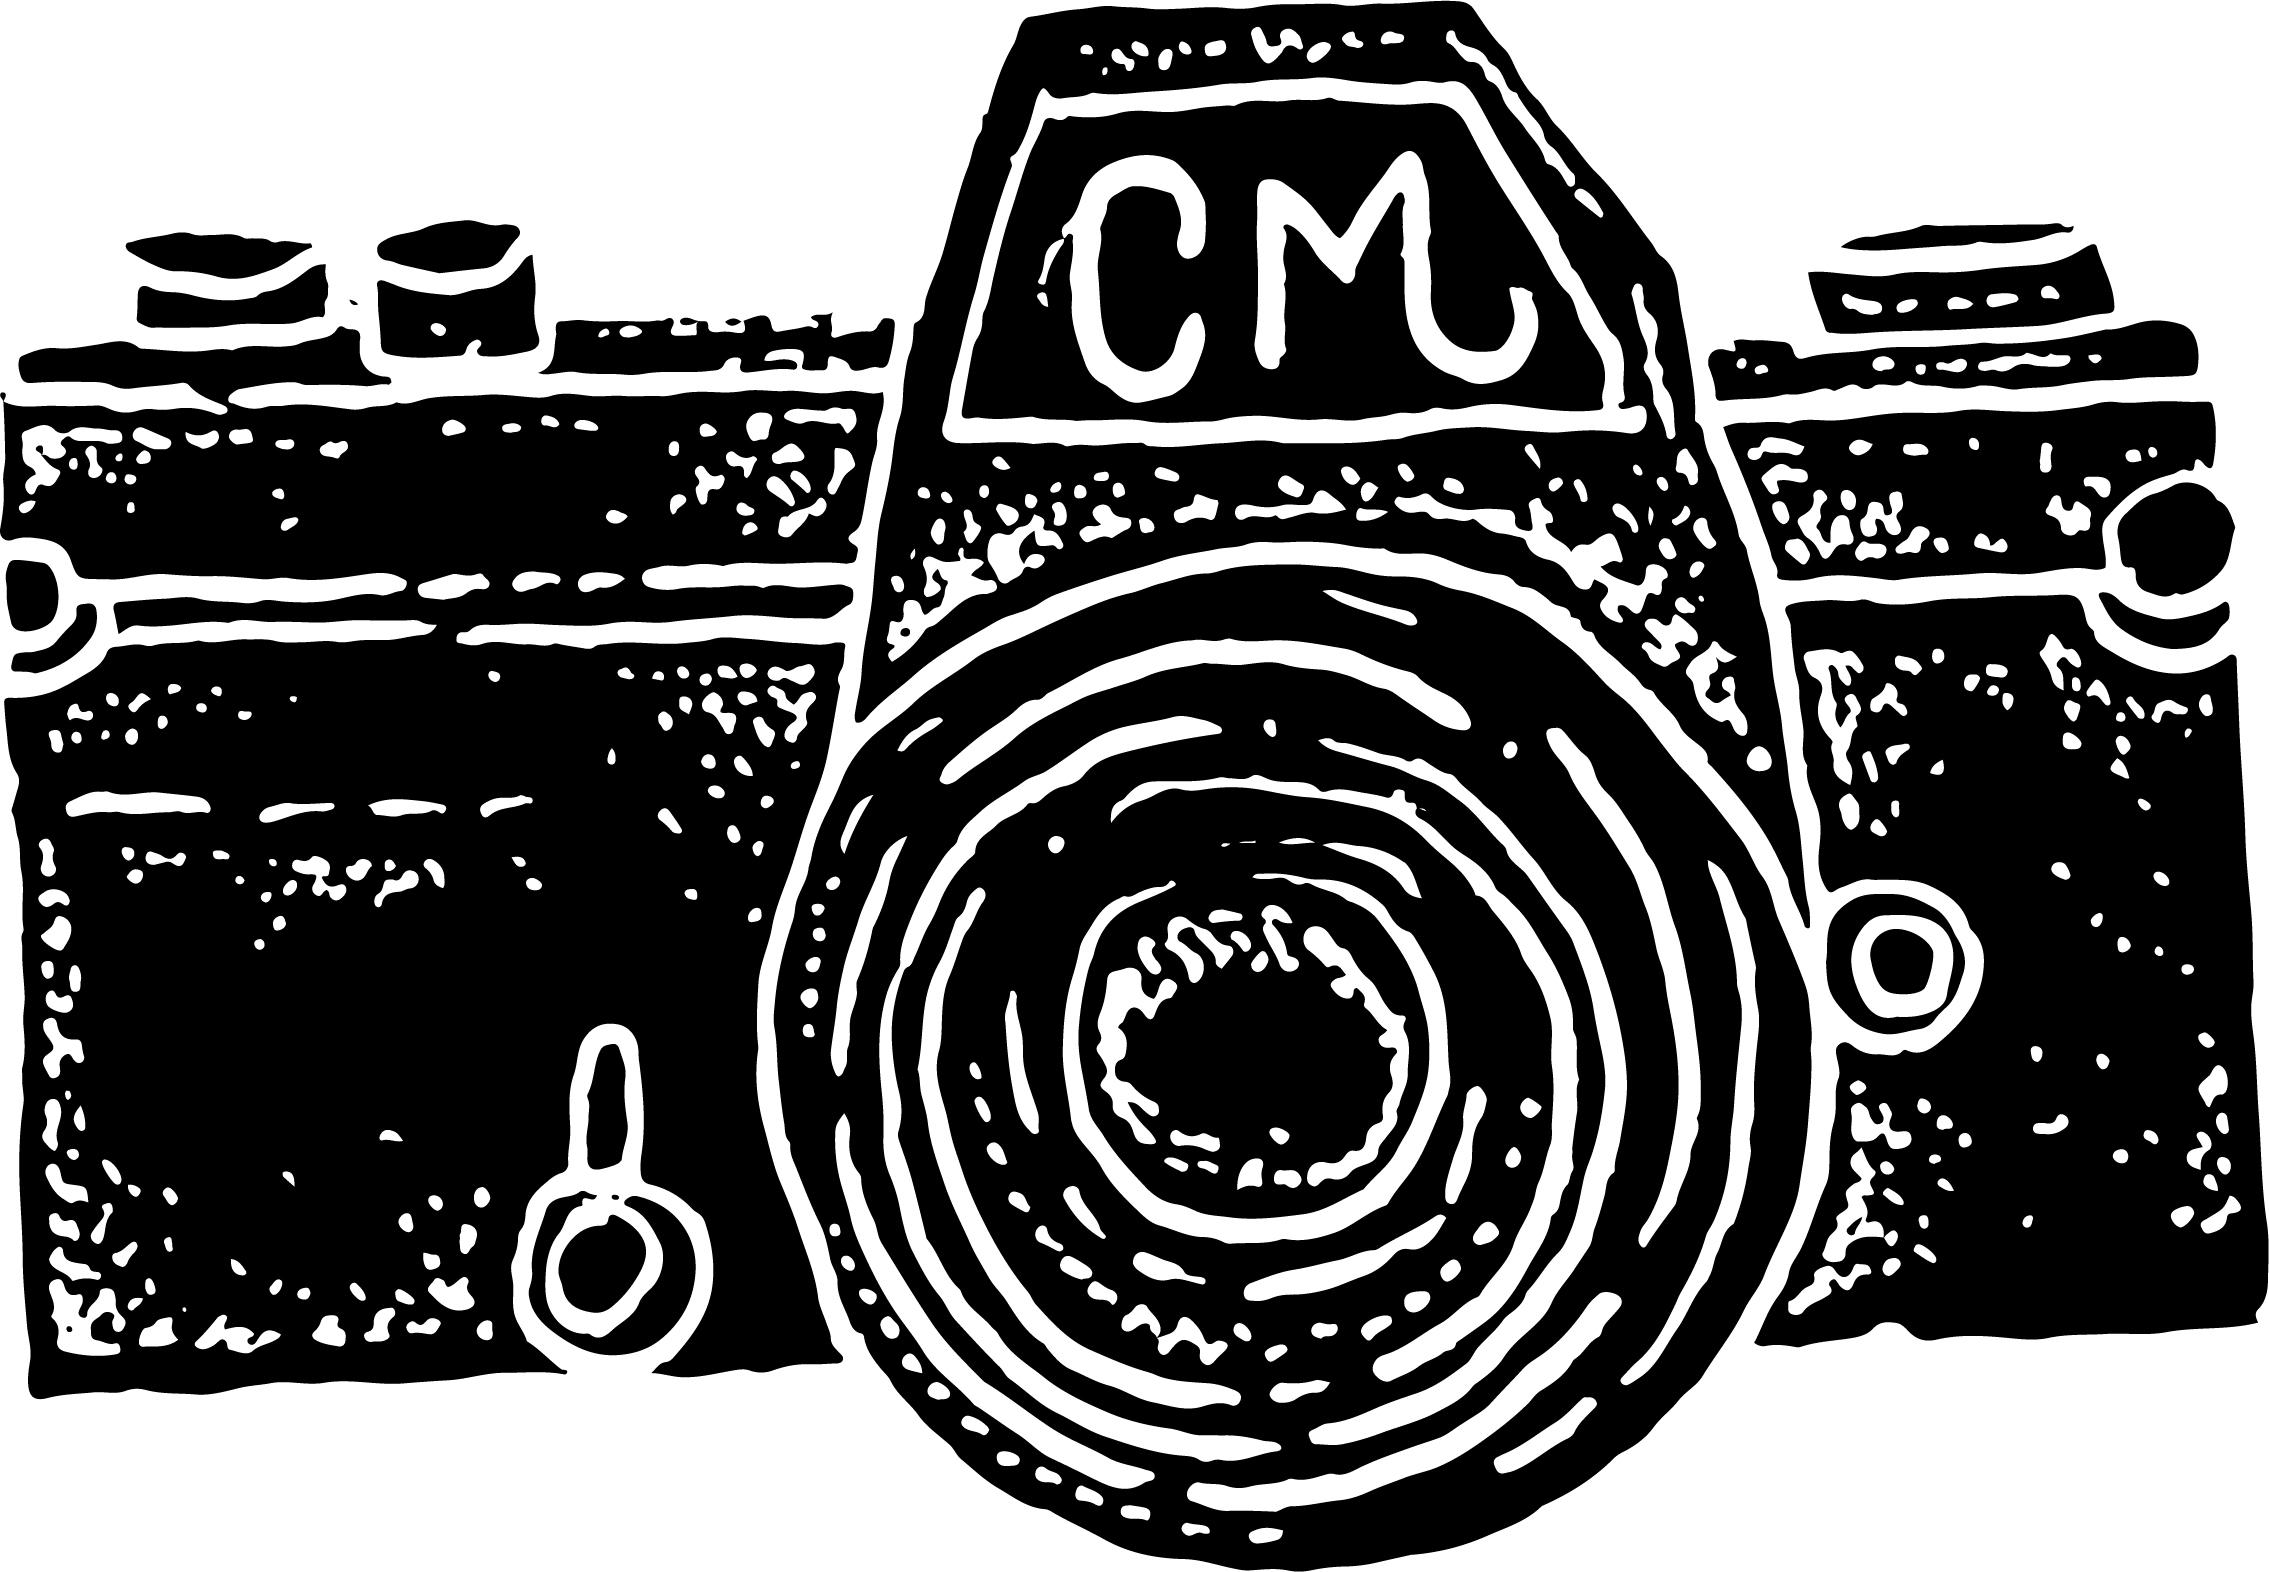 CM13.jpg